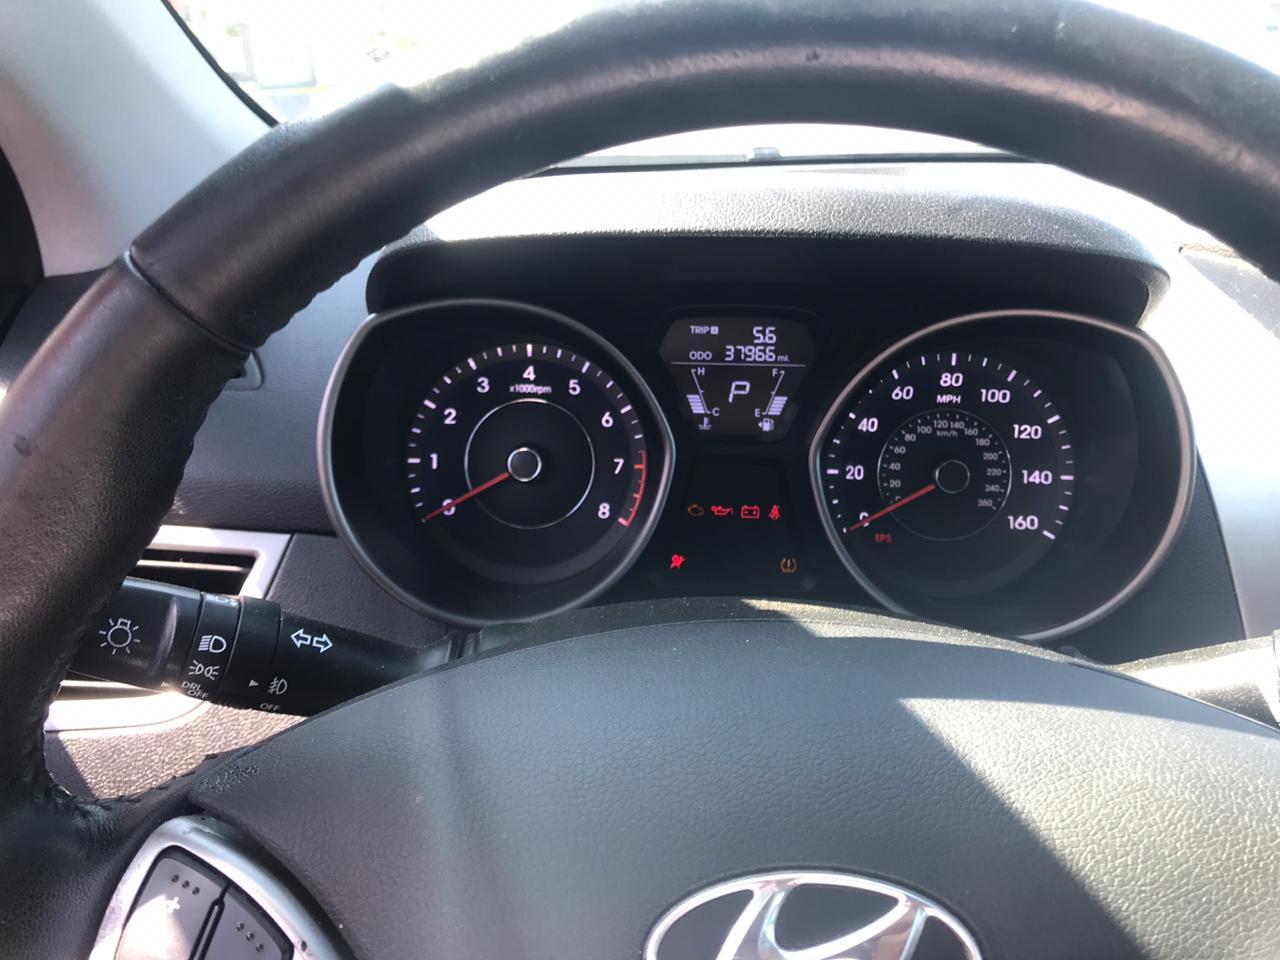 Hyundai Elantra 1.8(lt) 2013 Подержанный  $23700